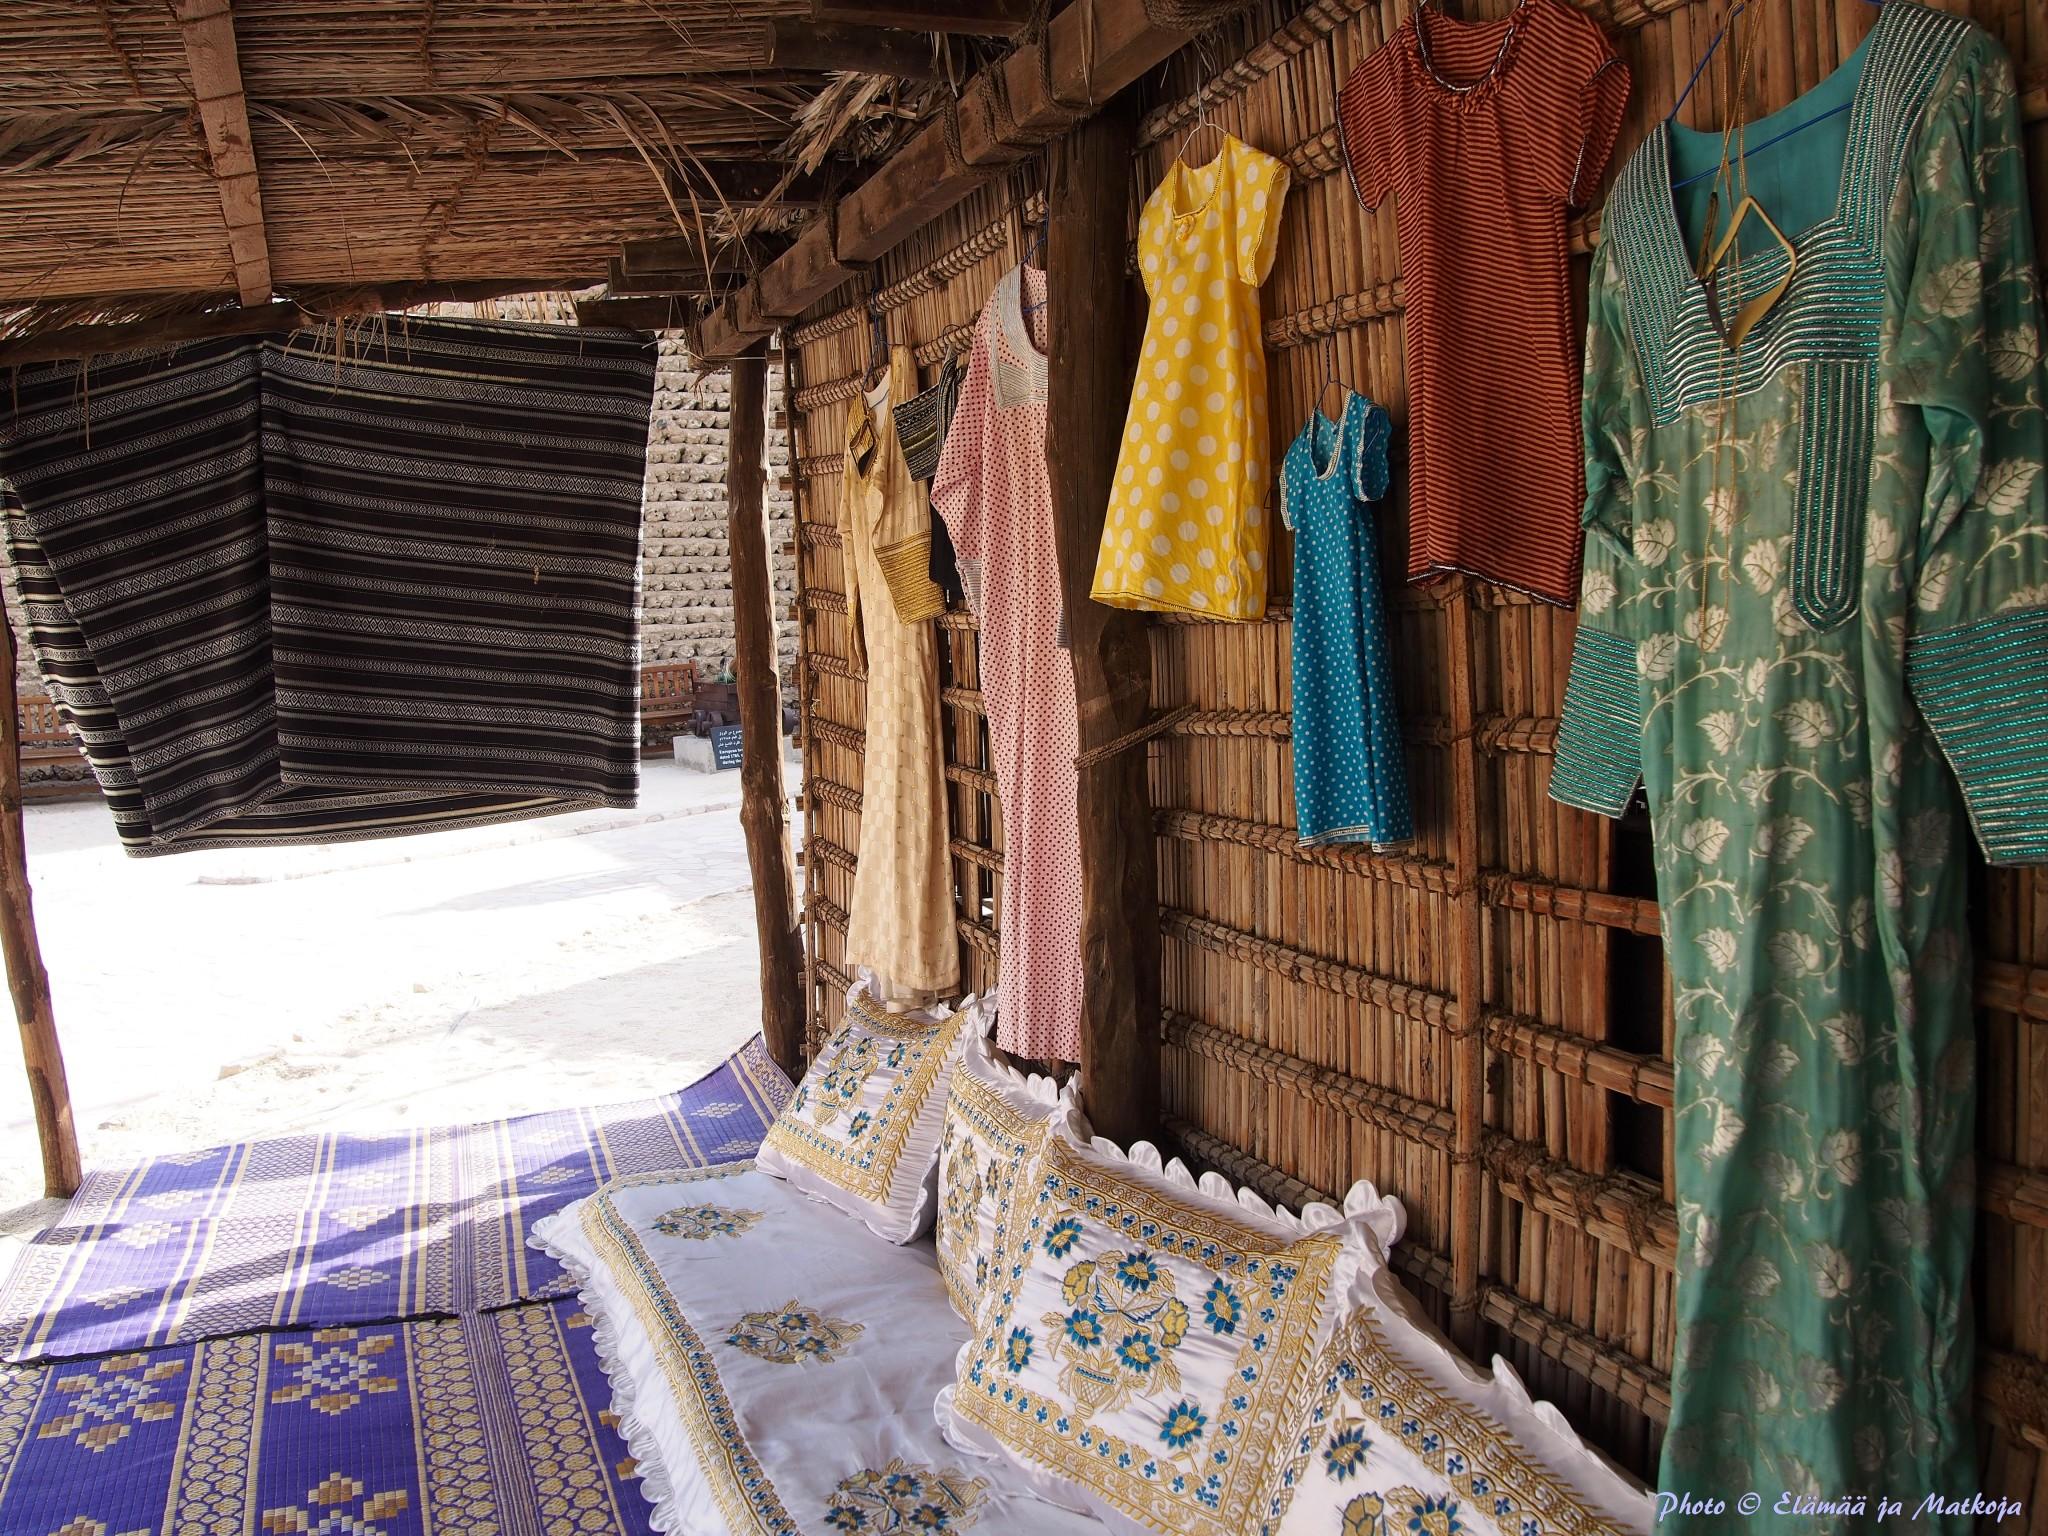 Dubai Museum 6 Photo © Elämää ja Matkoja